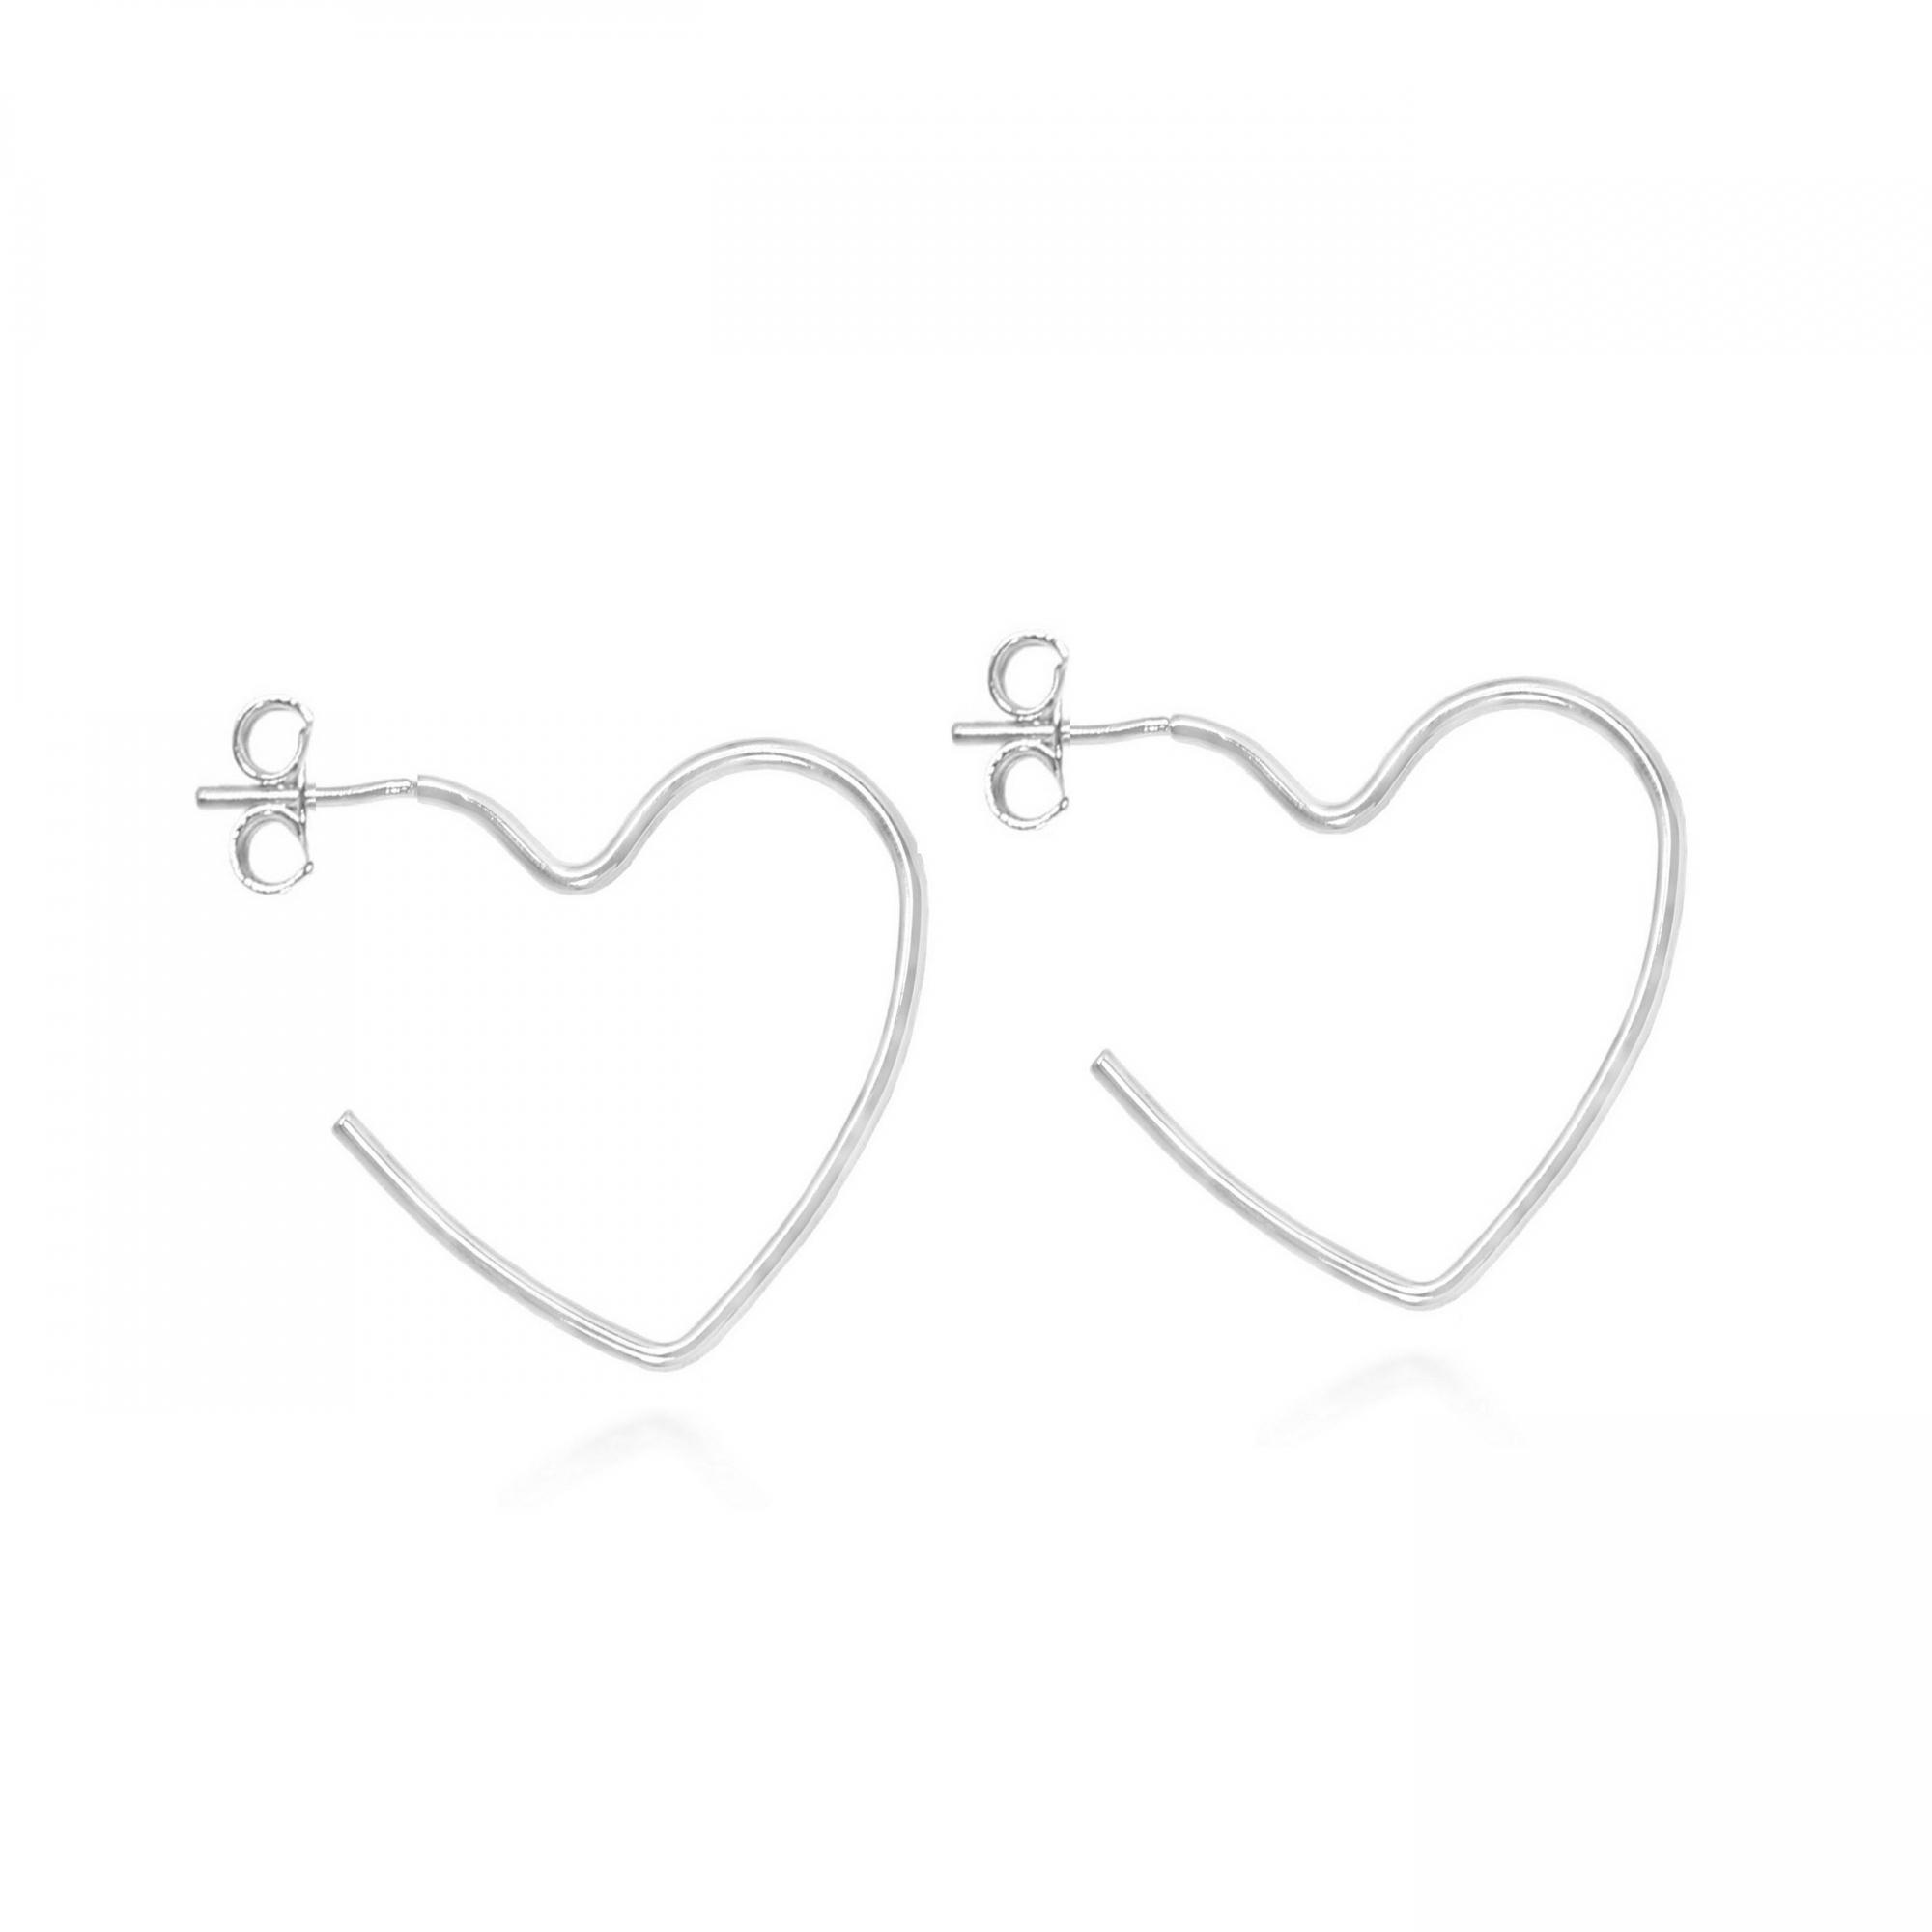 Brinco Argola Coração Aberto Menor 3cm Folheado Prata  - Lunozê Joias